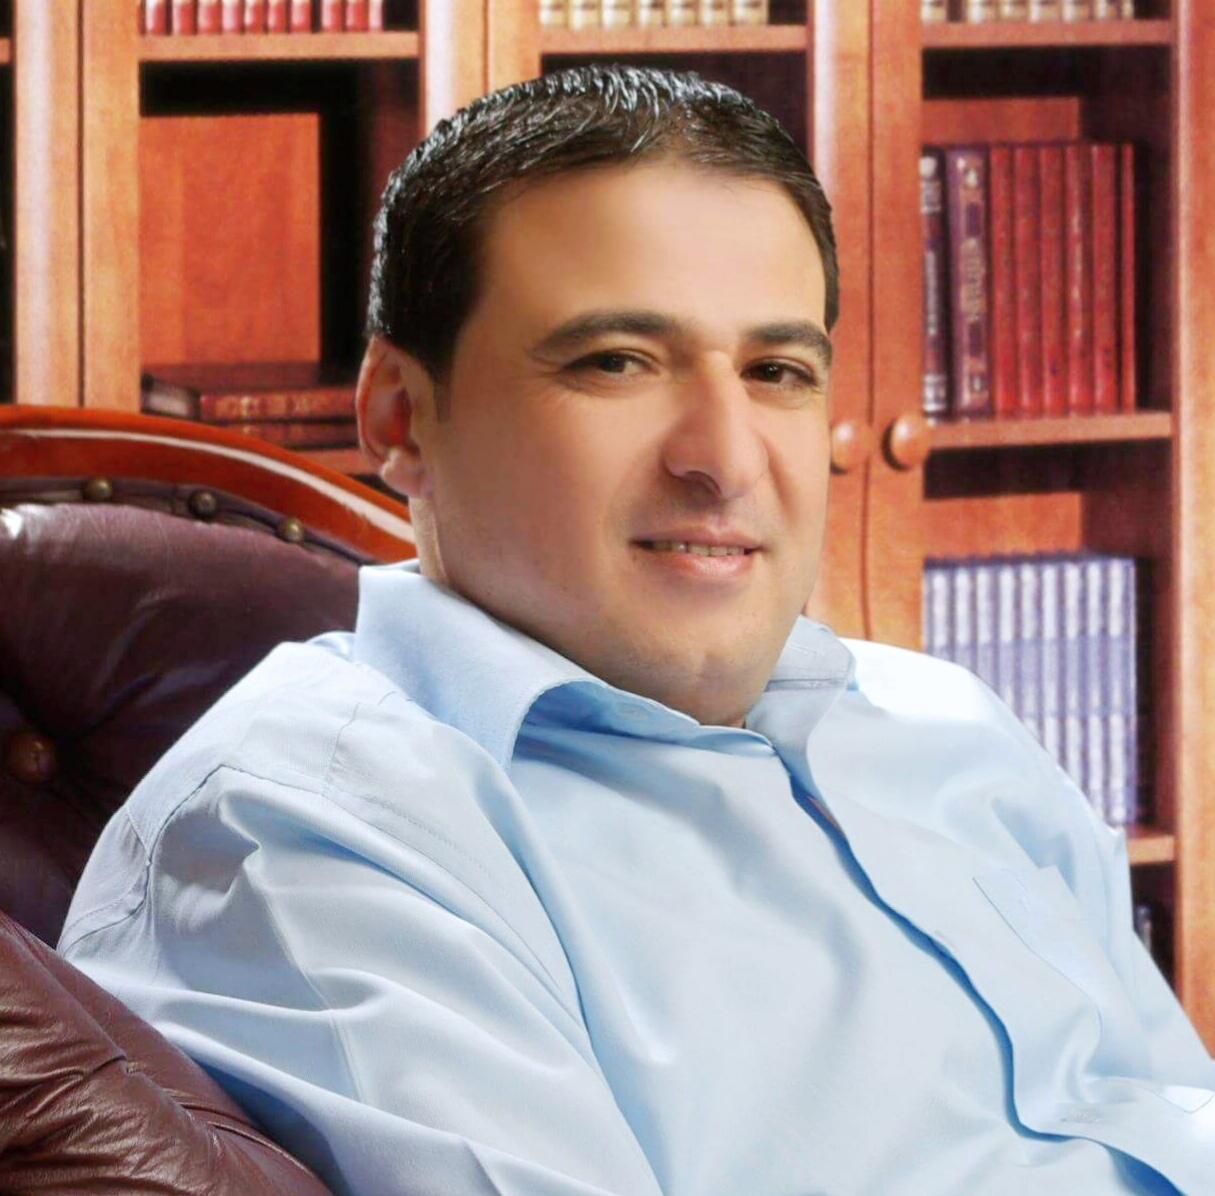 أشرف إبراهيم الفاعوري